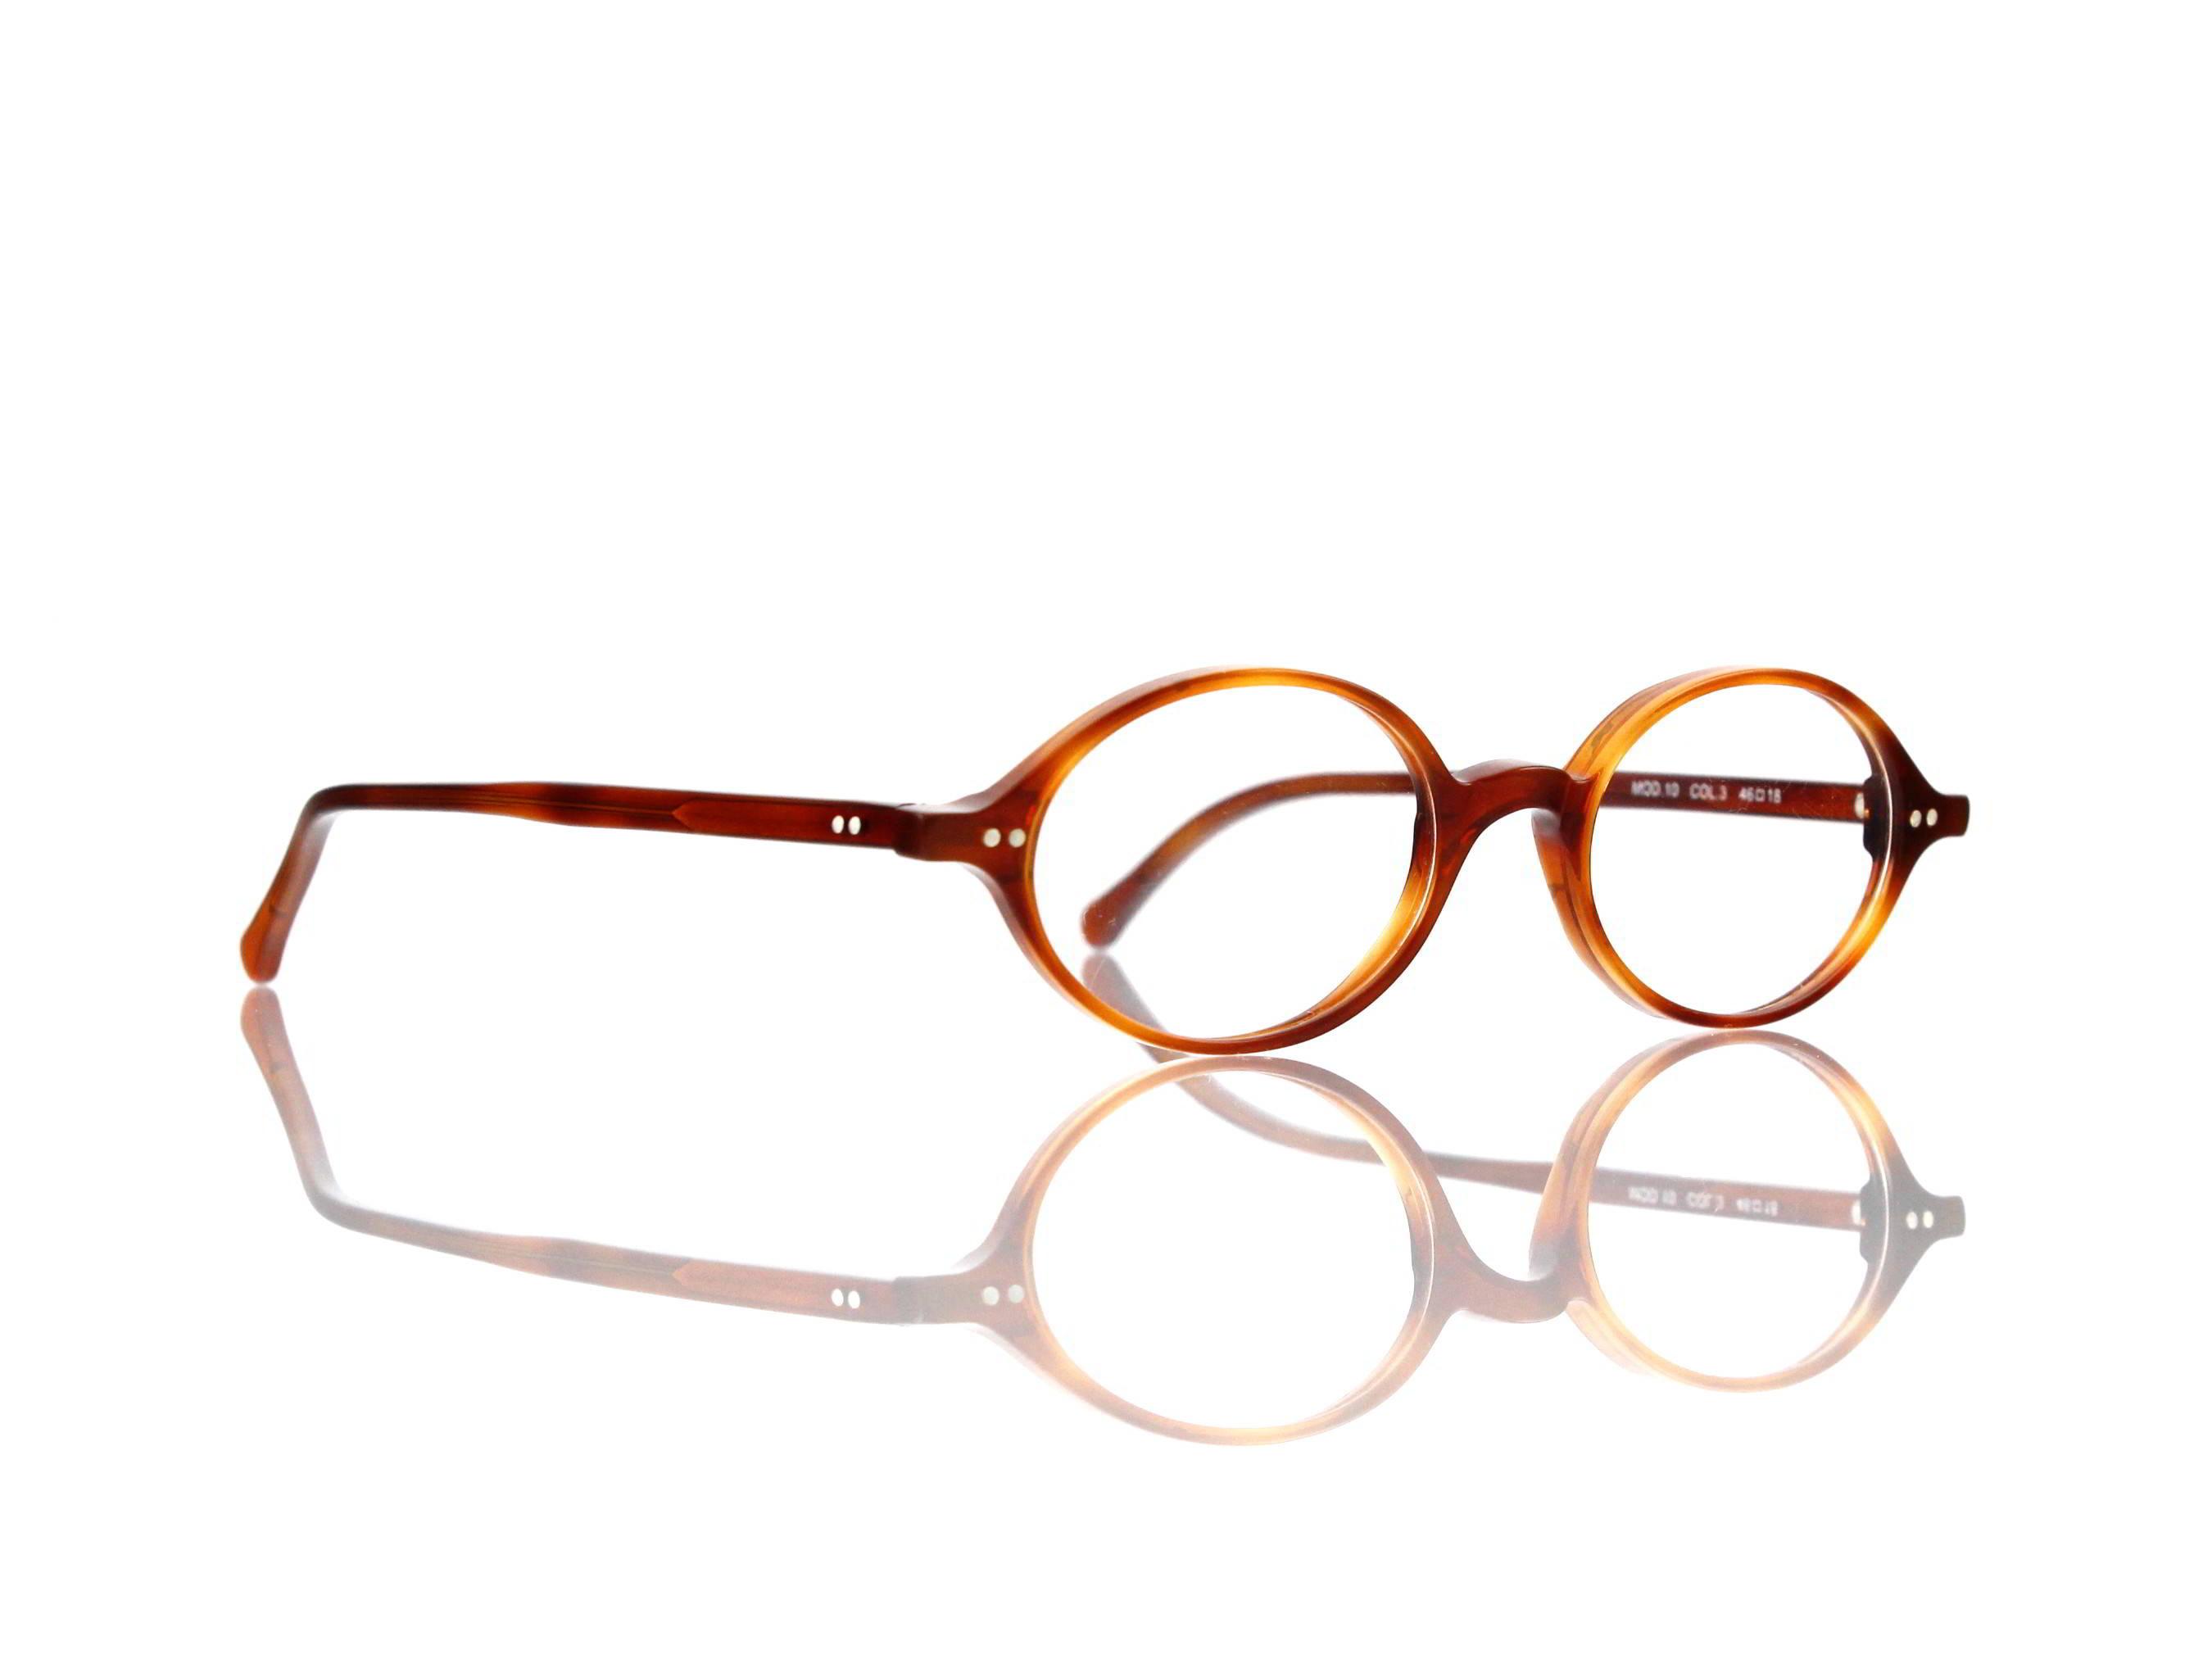 Braun Classics Eyewear Mod. 10 Col. F 3 Größe 46/48-18-145 mm | Oval ...